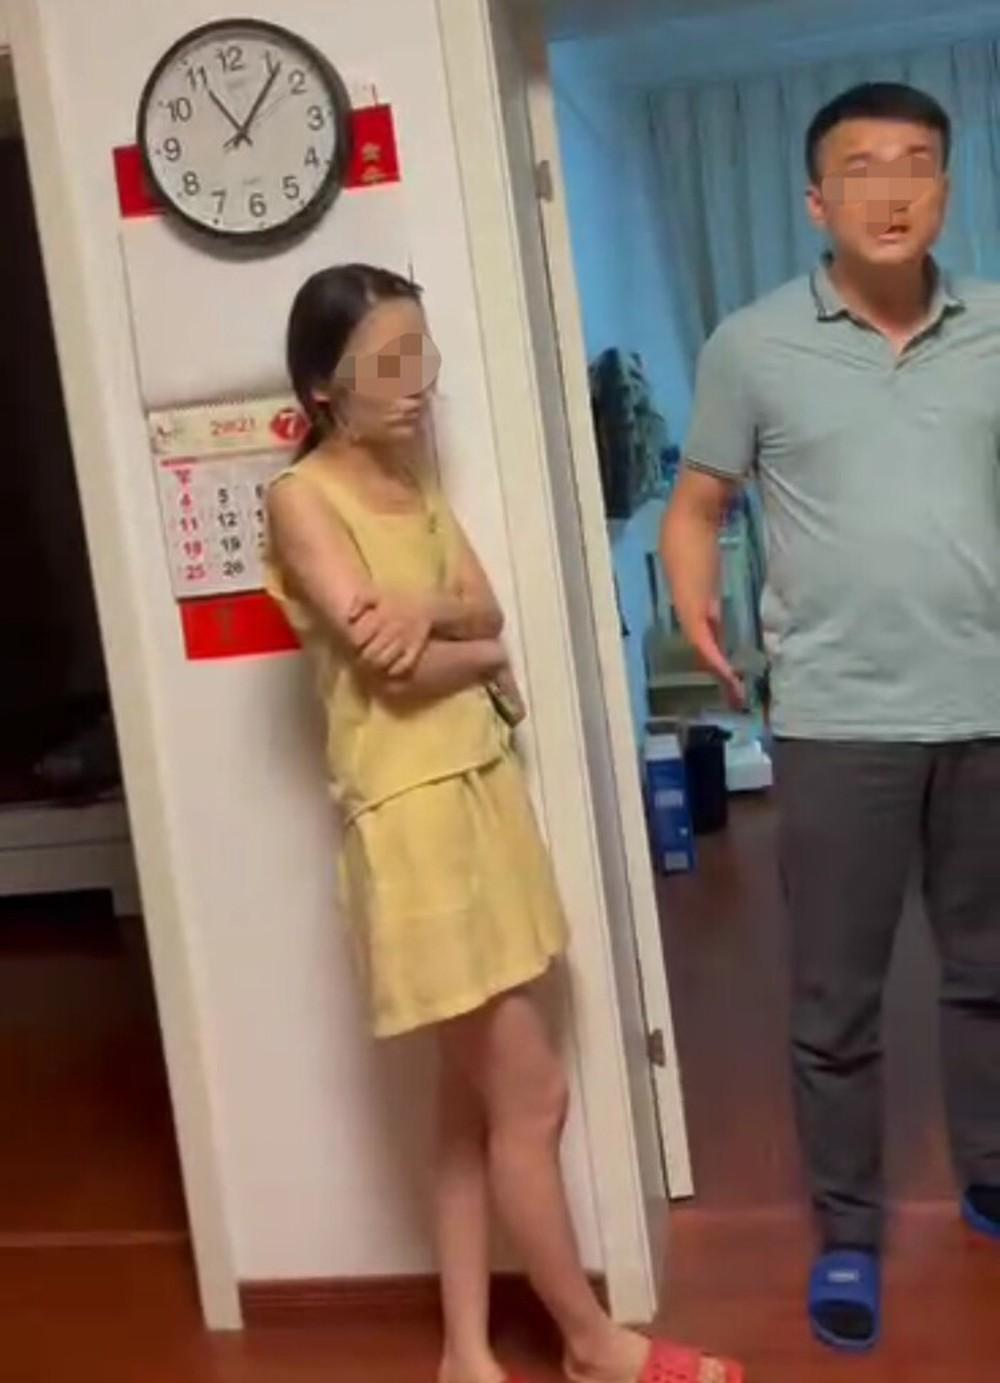 Bị bắt gian ngay tại nhà, cô vợ thản nhiên đứng đắp mặt nạ, bồ cũ của chồng bất ngờ lên tiếng bóc phốt - Ảnh 5.